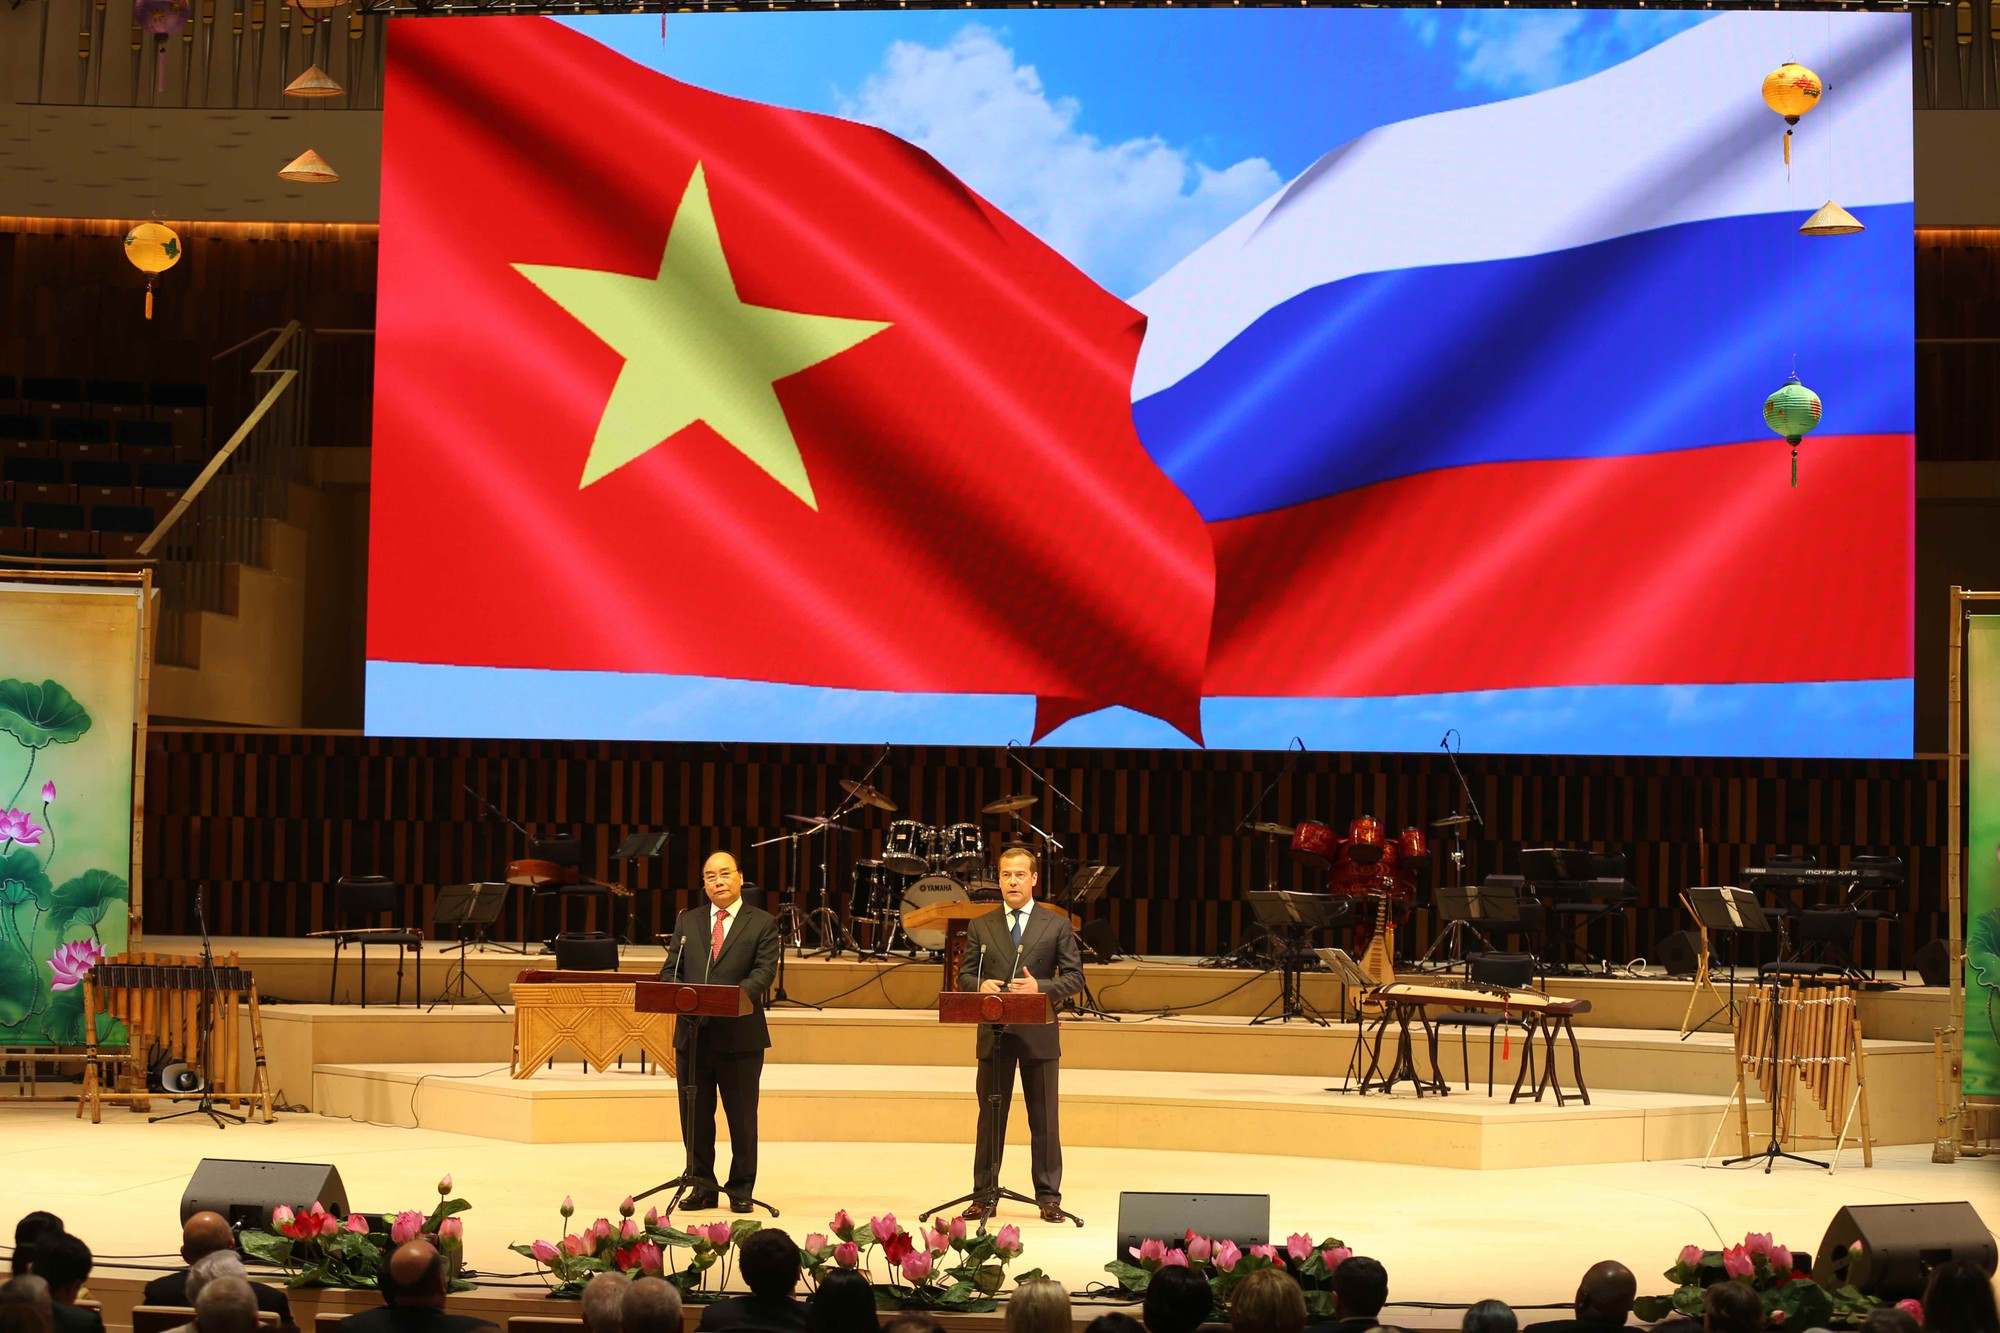 Chùm ảnh: Khai mạc các hoạt động Năm Việt Nam tại Nga và Năm Nga tại Việt Nam - Ảnh 3.